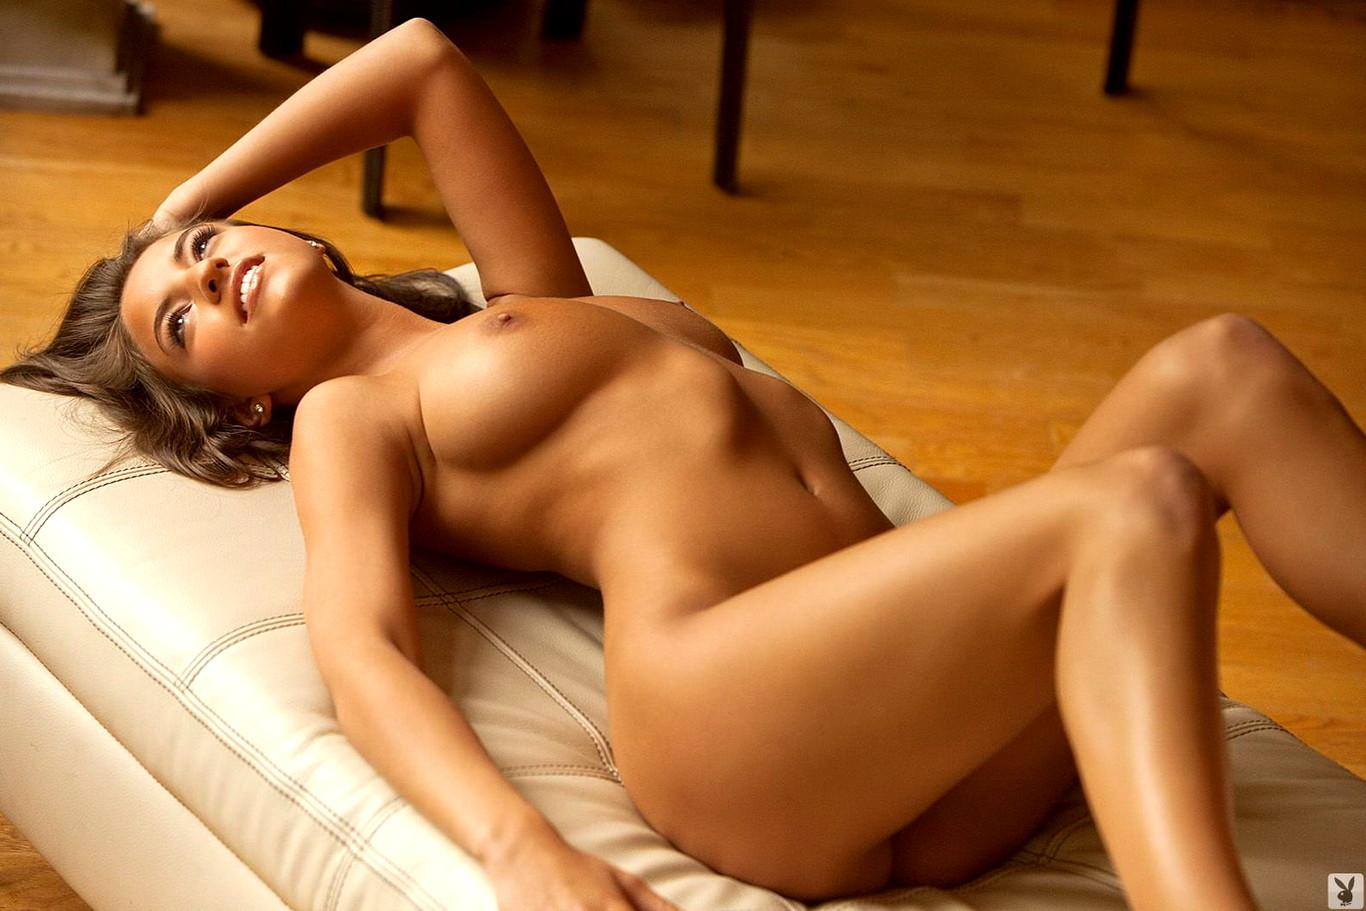 ориентация местности потрясающая фигура и тело девушки порно смотреть наш